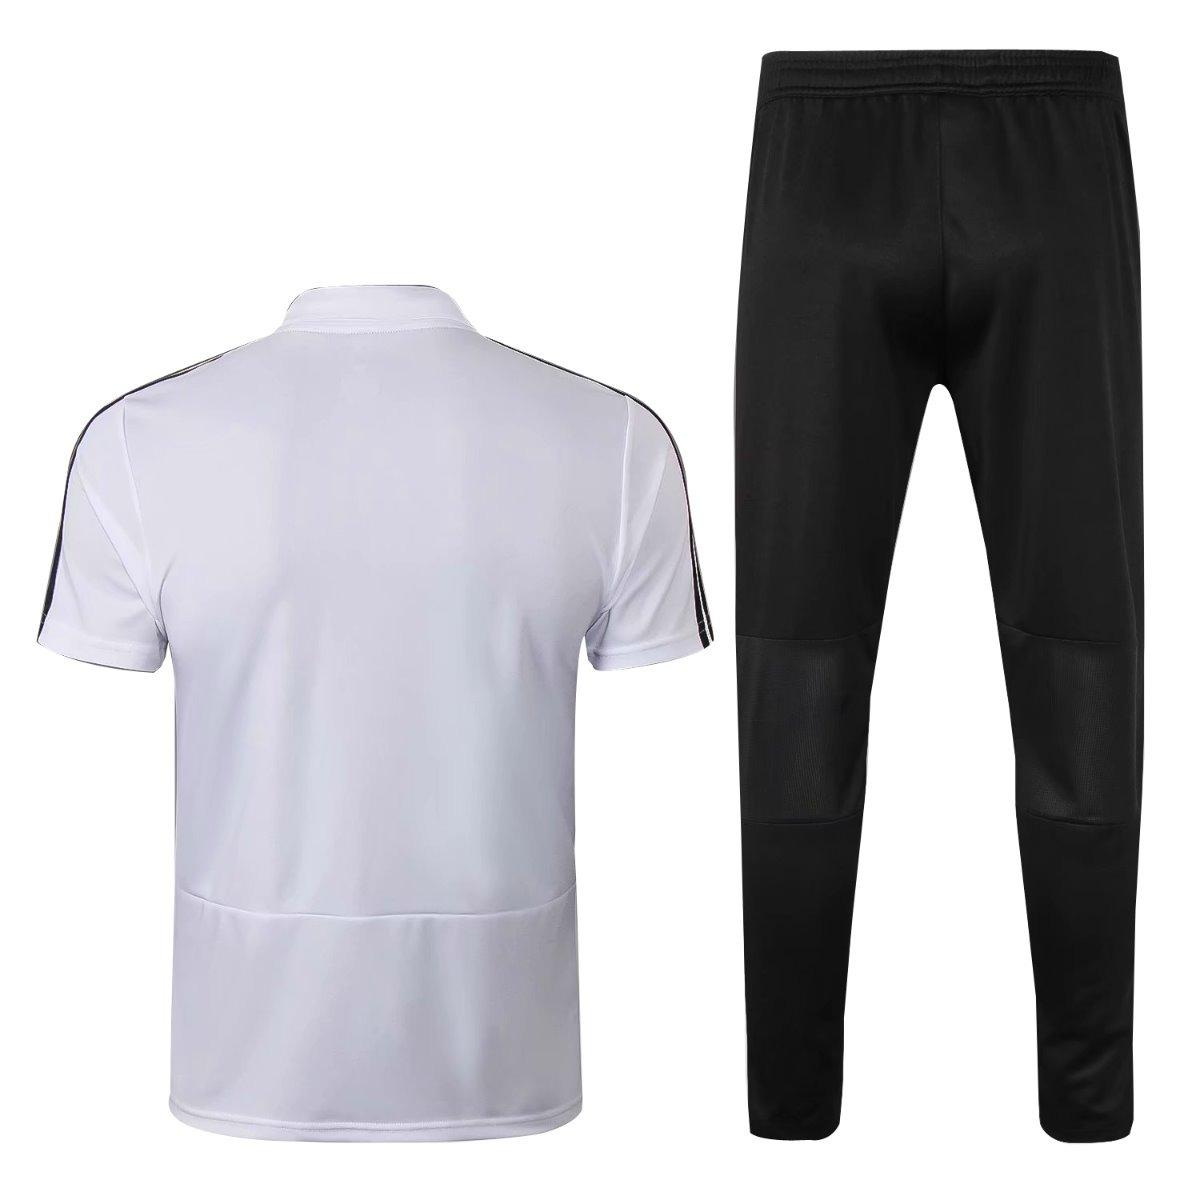 Kit Real Madrid Camisa Polo + Calça - Leia O Anuncio - R  169 54168eaaae205